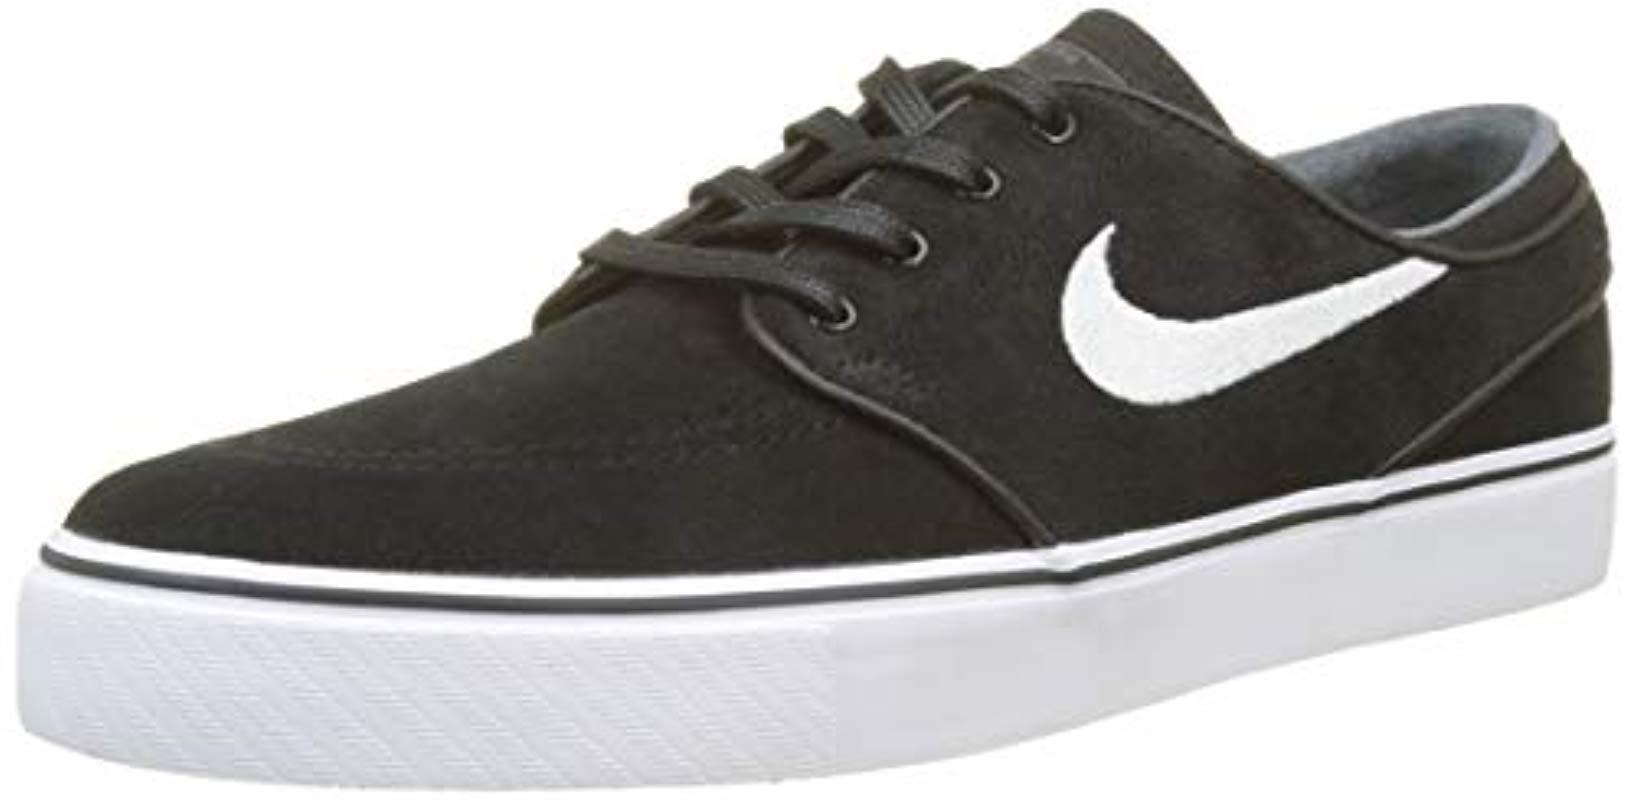 d5b95128716a5 Nike Zoom Stefan Janoski 333824-067 Low-top Sneakers in Black for ...